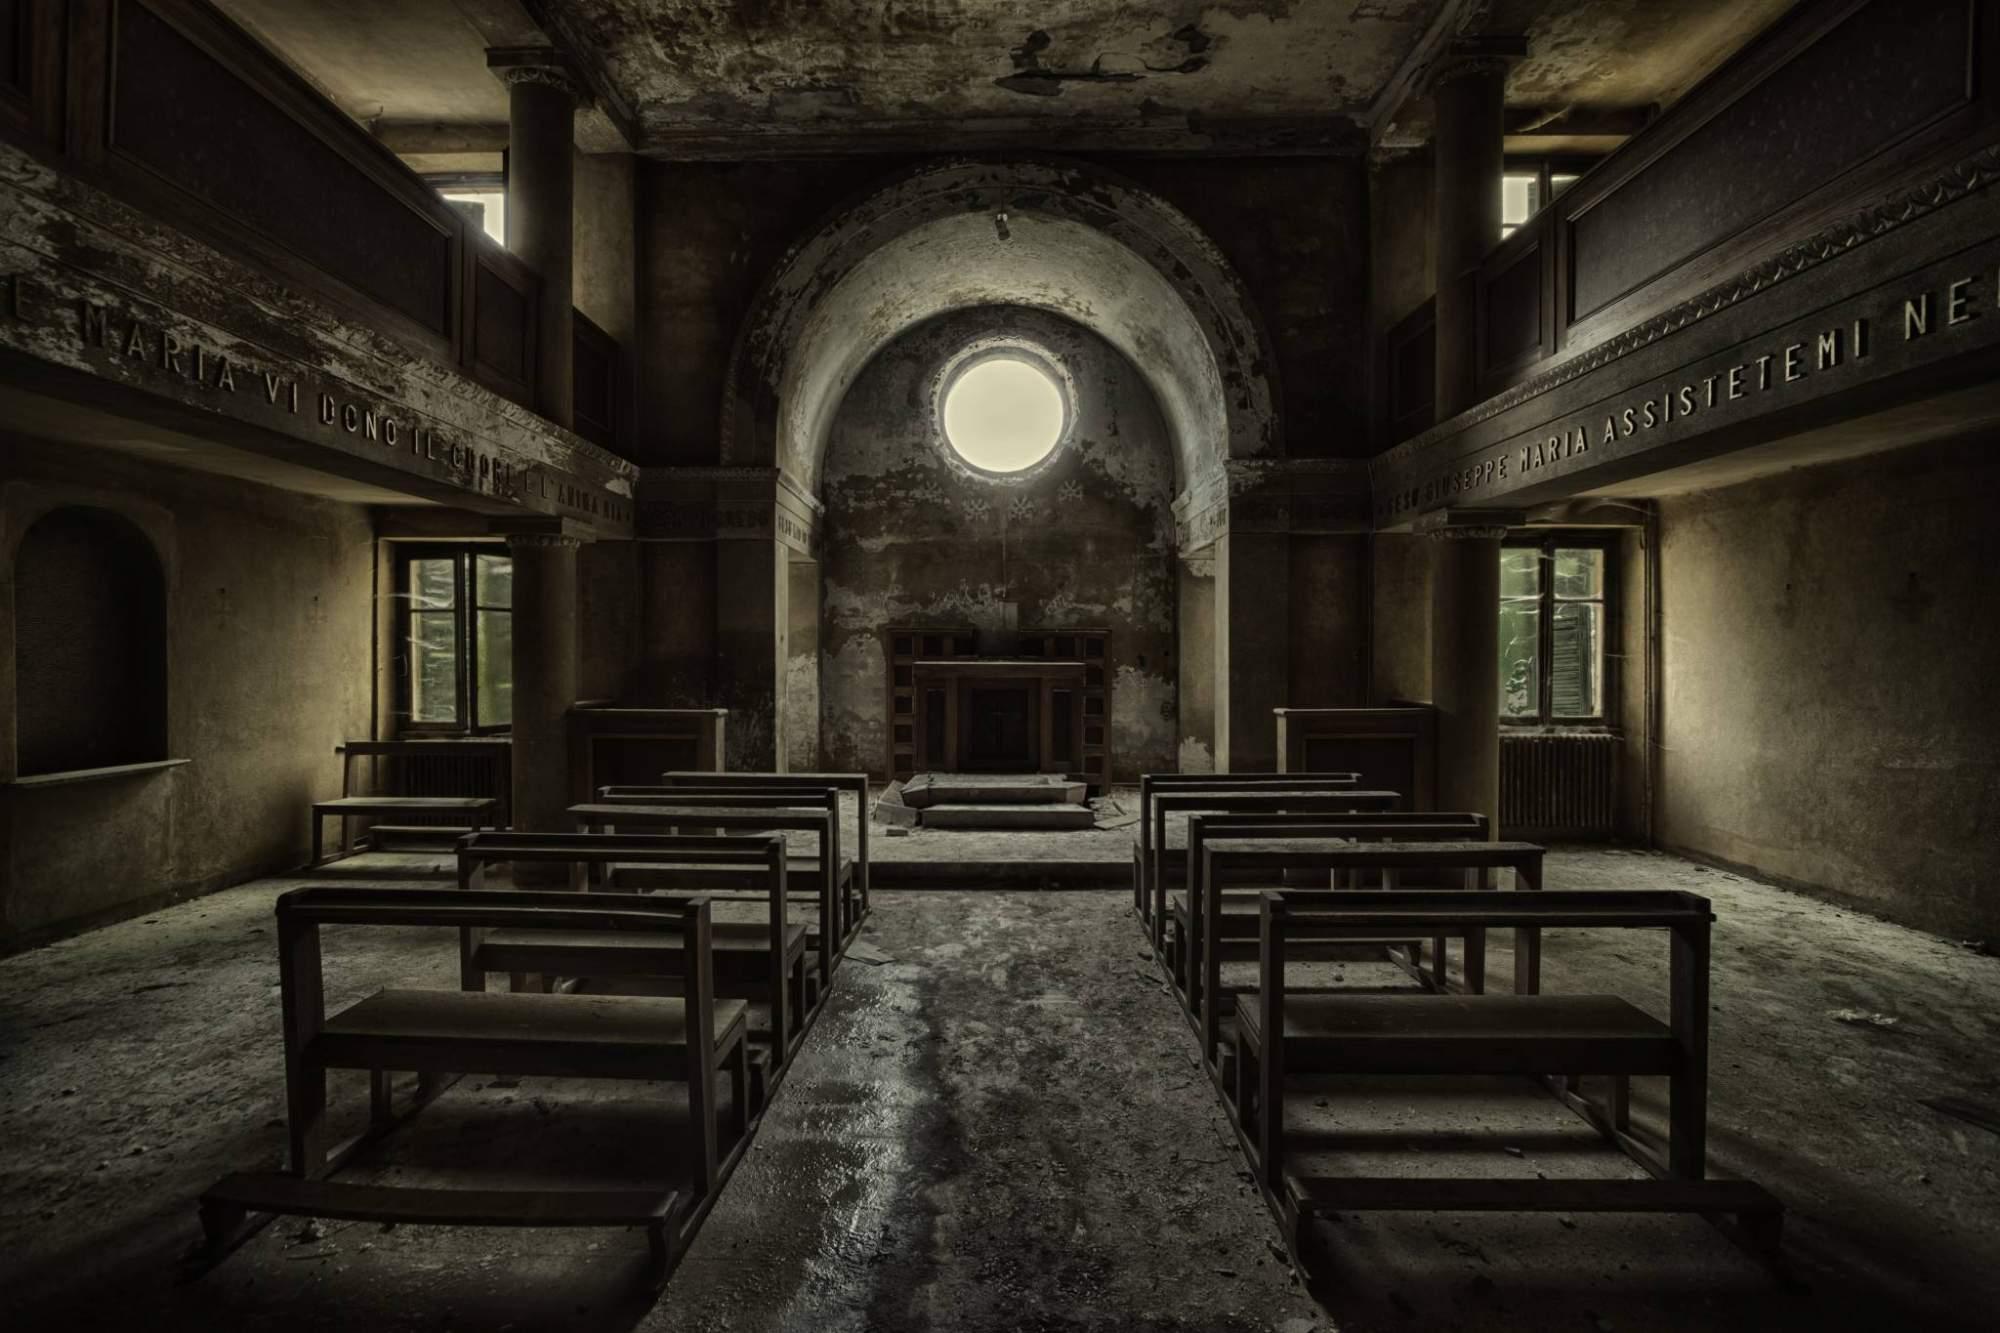 Cristo qui non risorge: 12 chiese abbandonate italiane